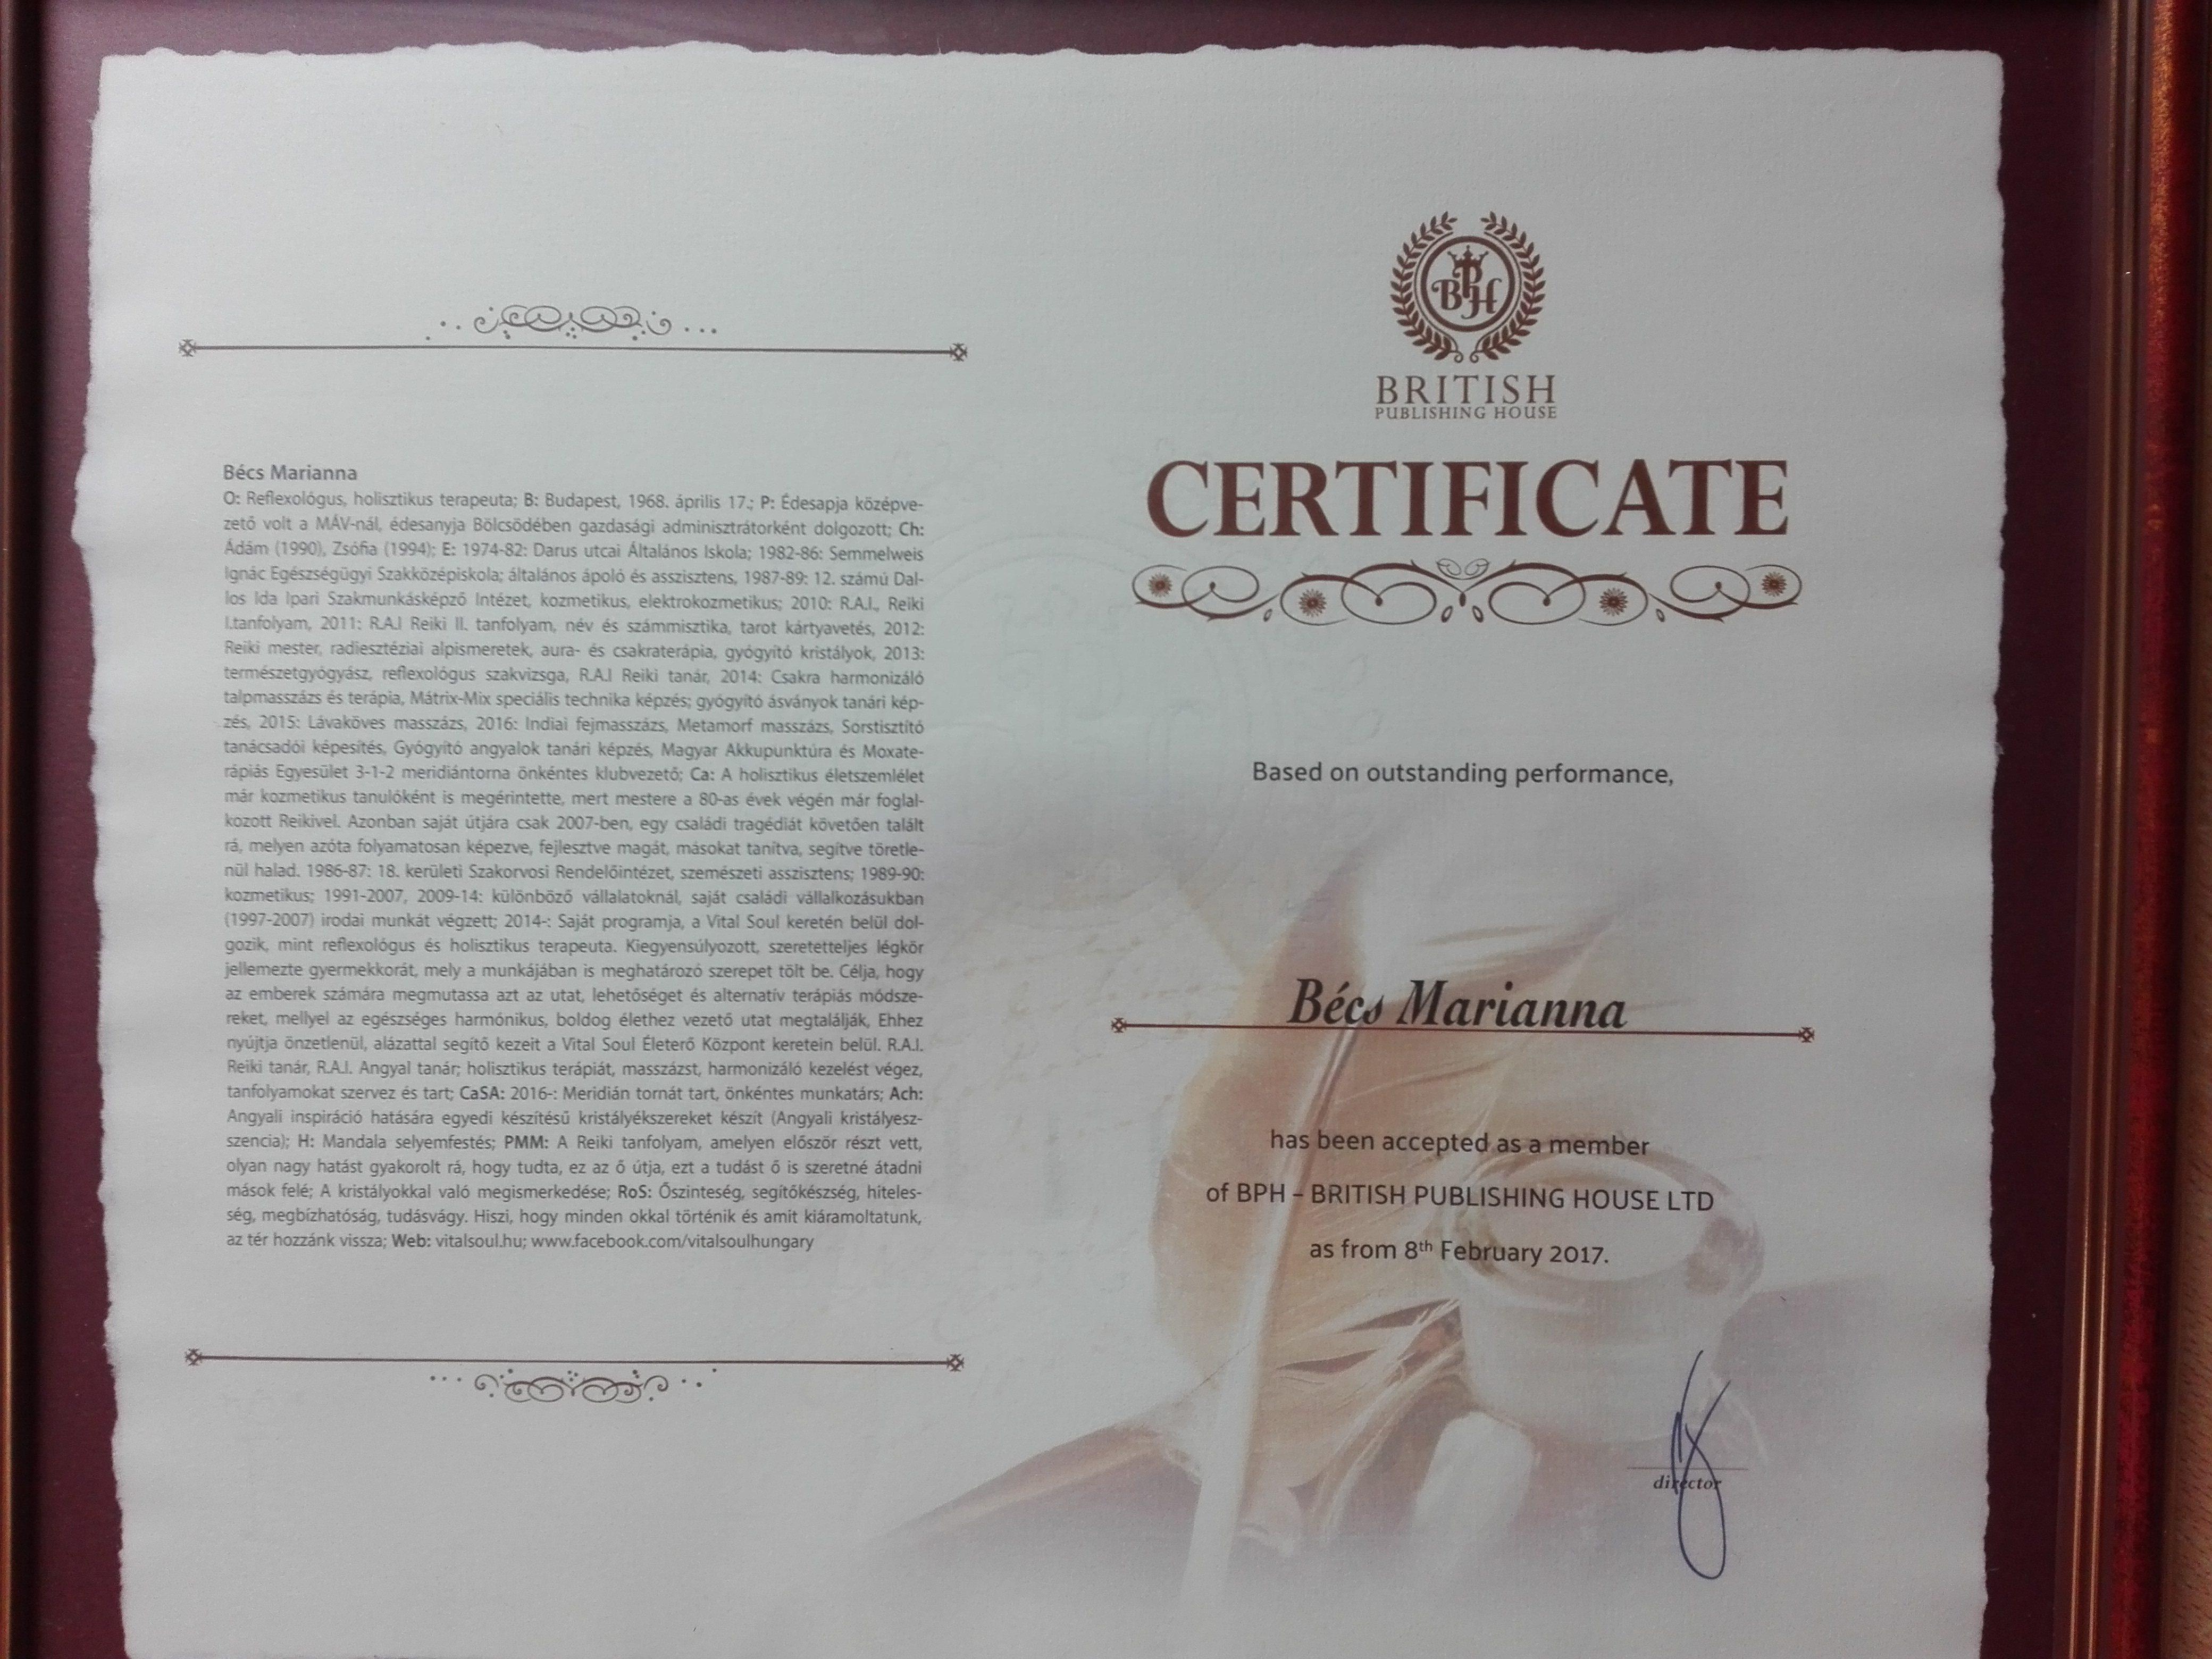 Britishpédia, British Publishing